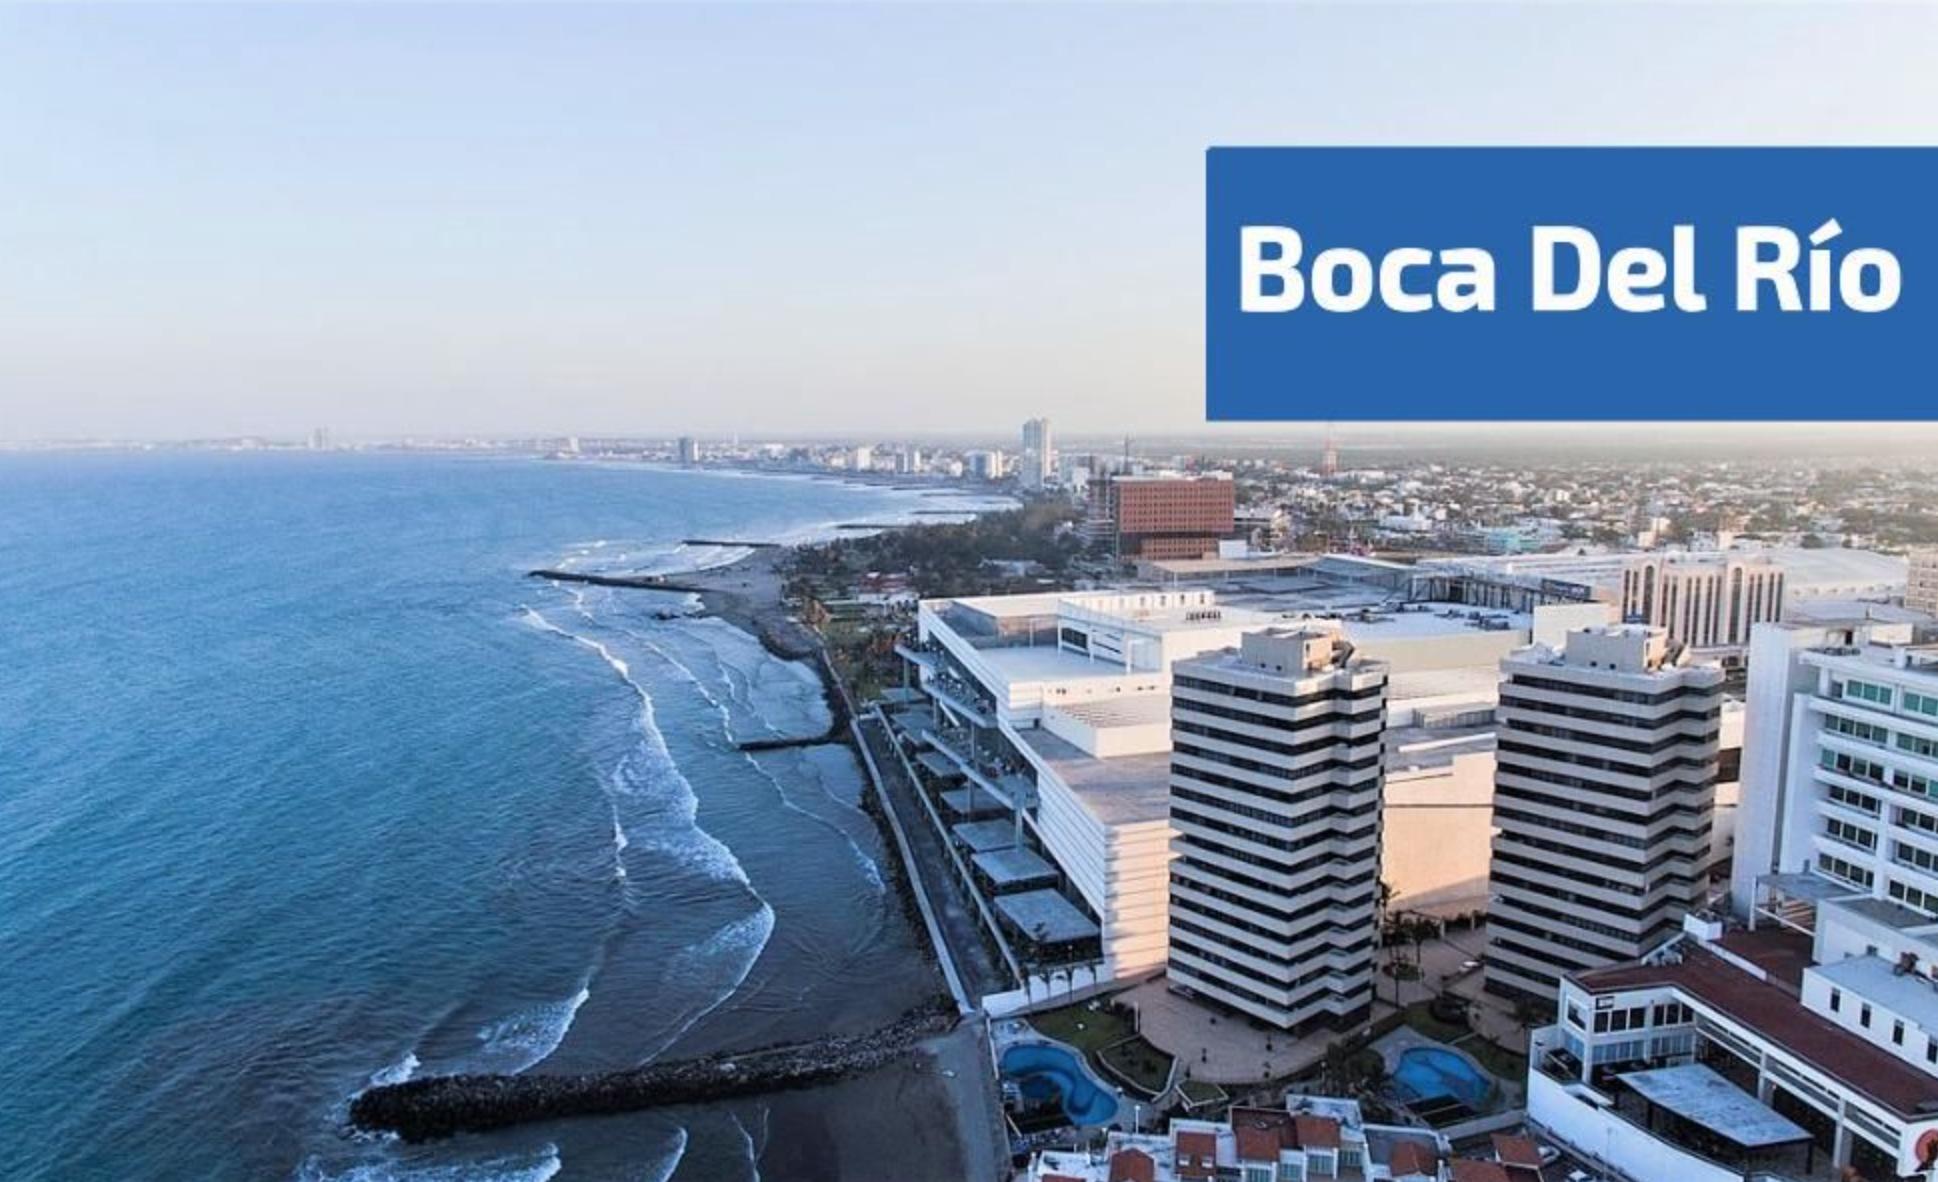 Boca Del Rio - Veracruz [casabellaboutiquehotel.com]